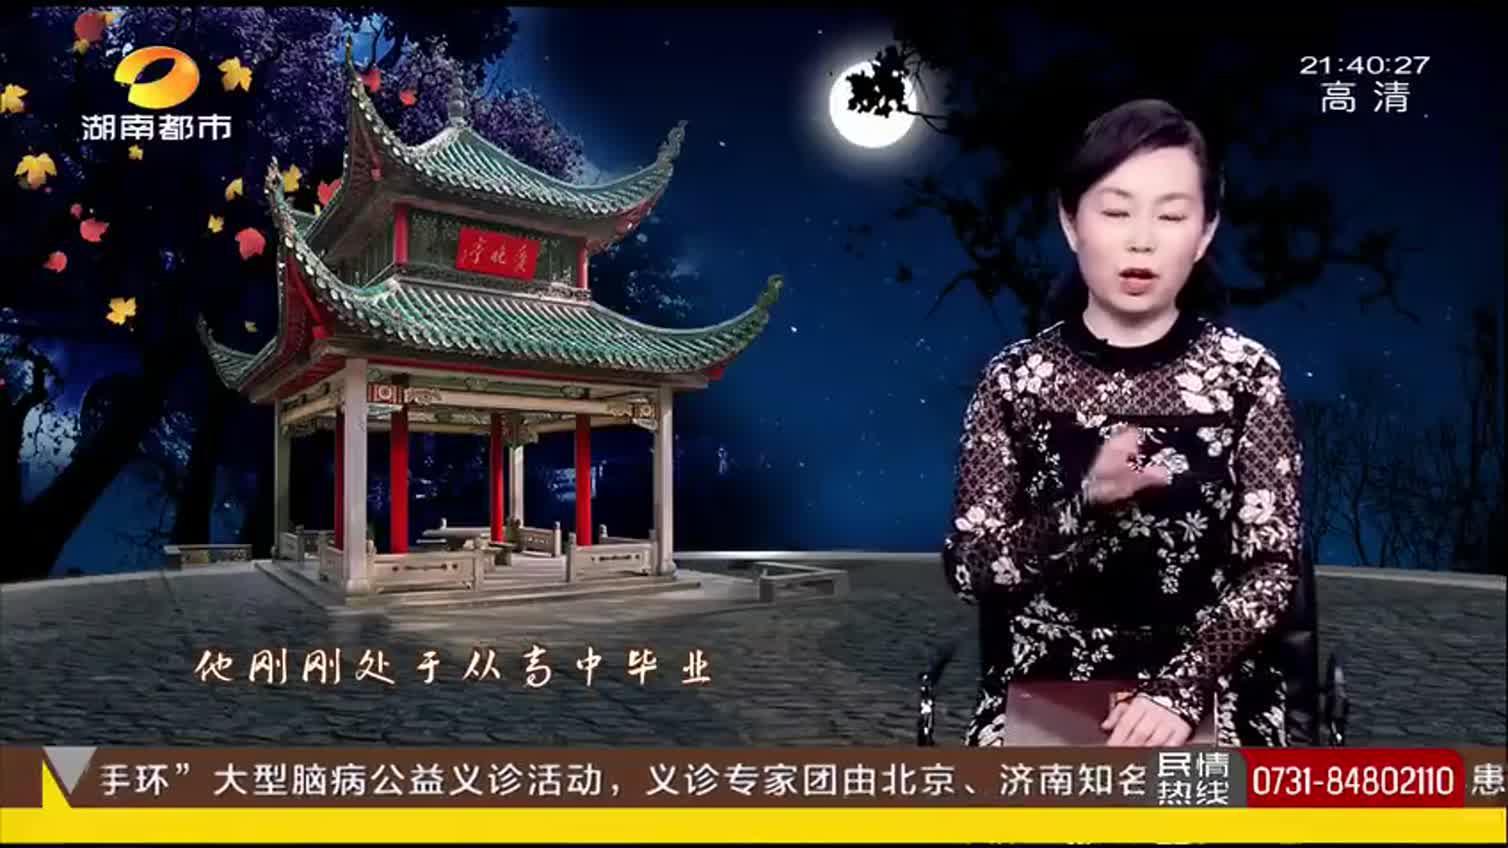 爱晚亭 中南大学米莉教授